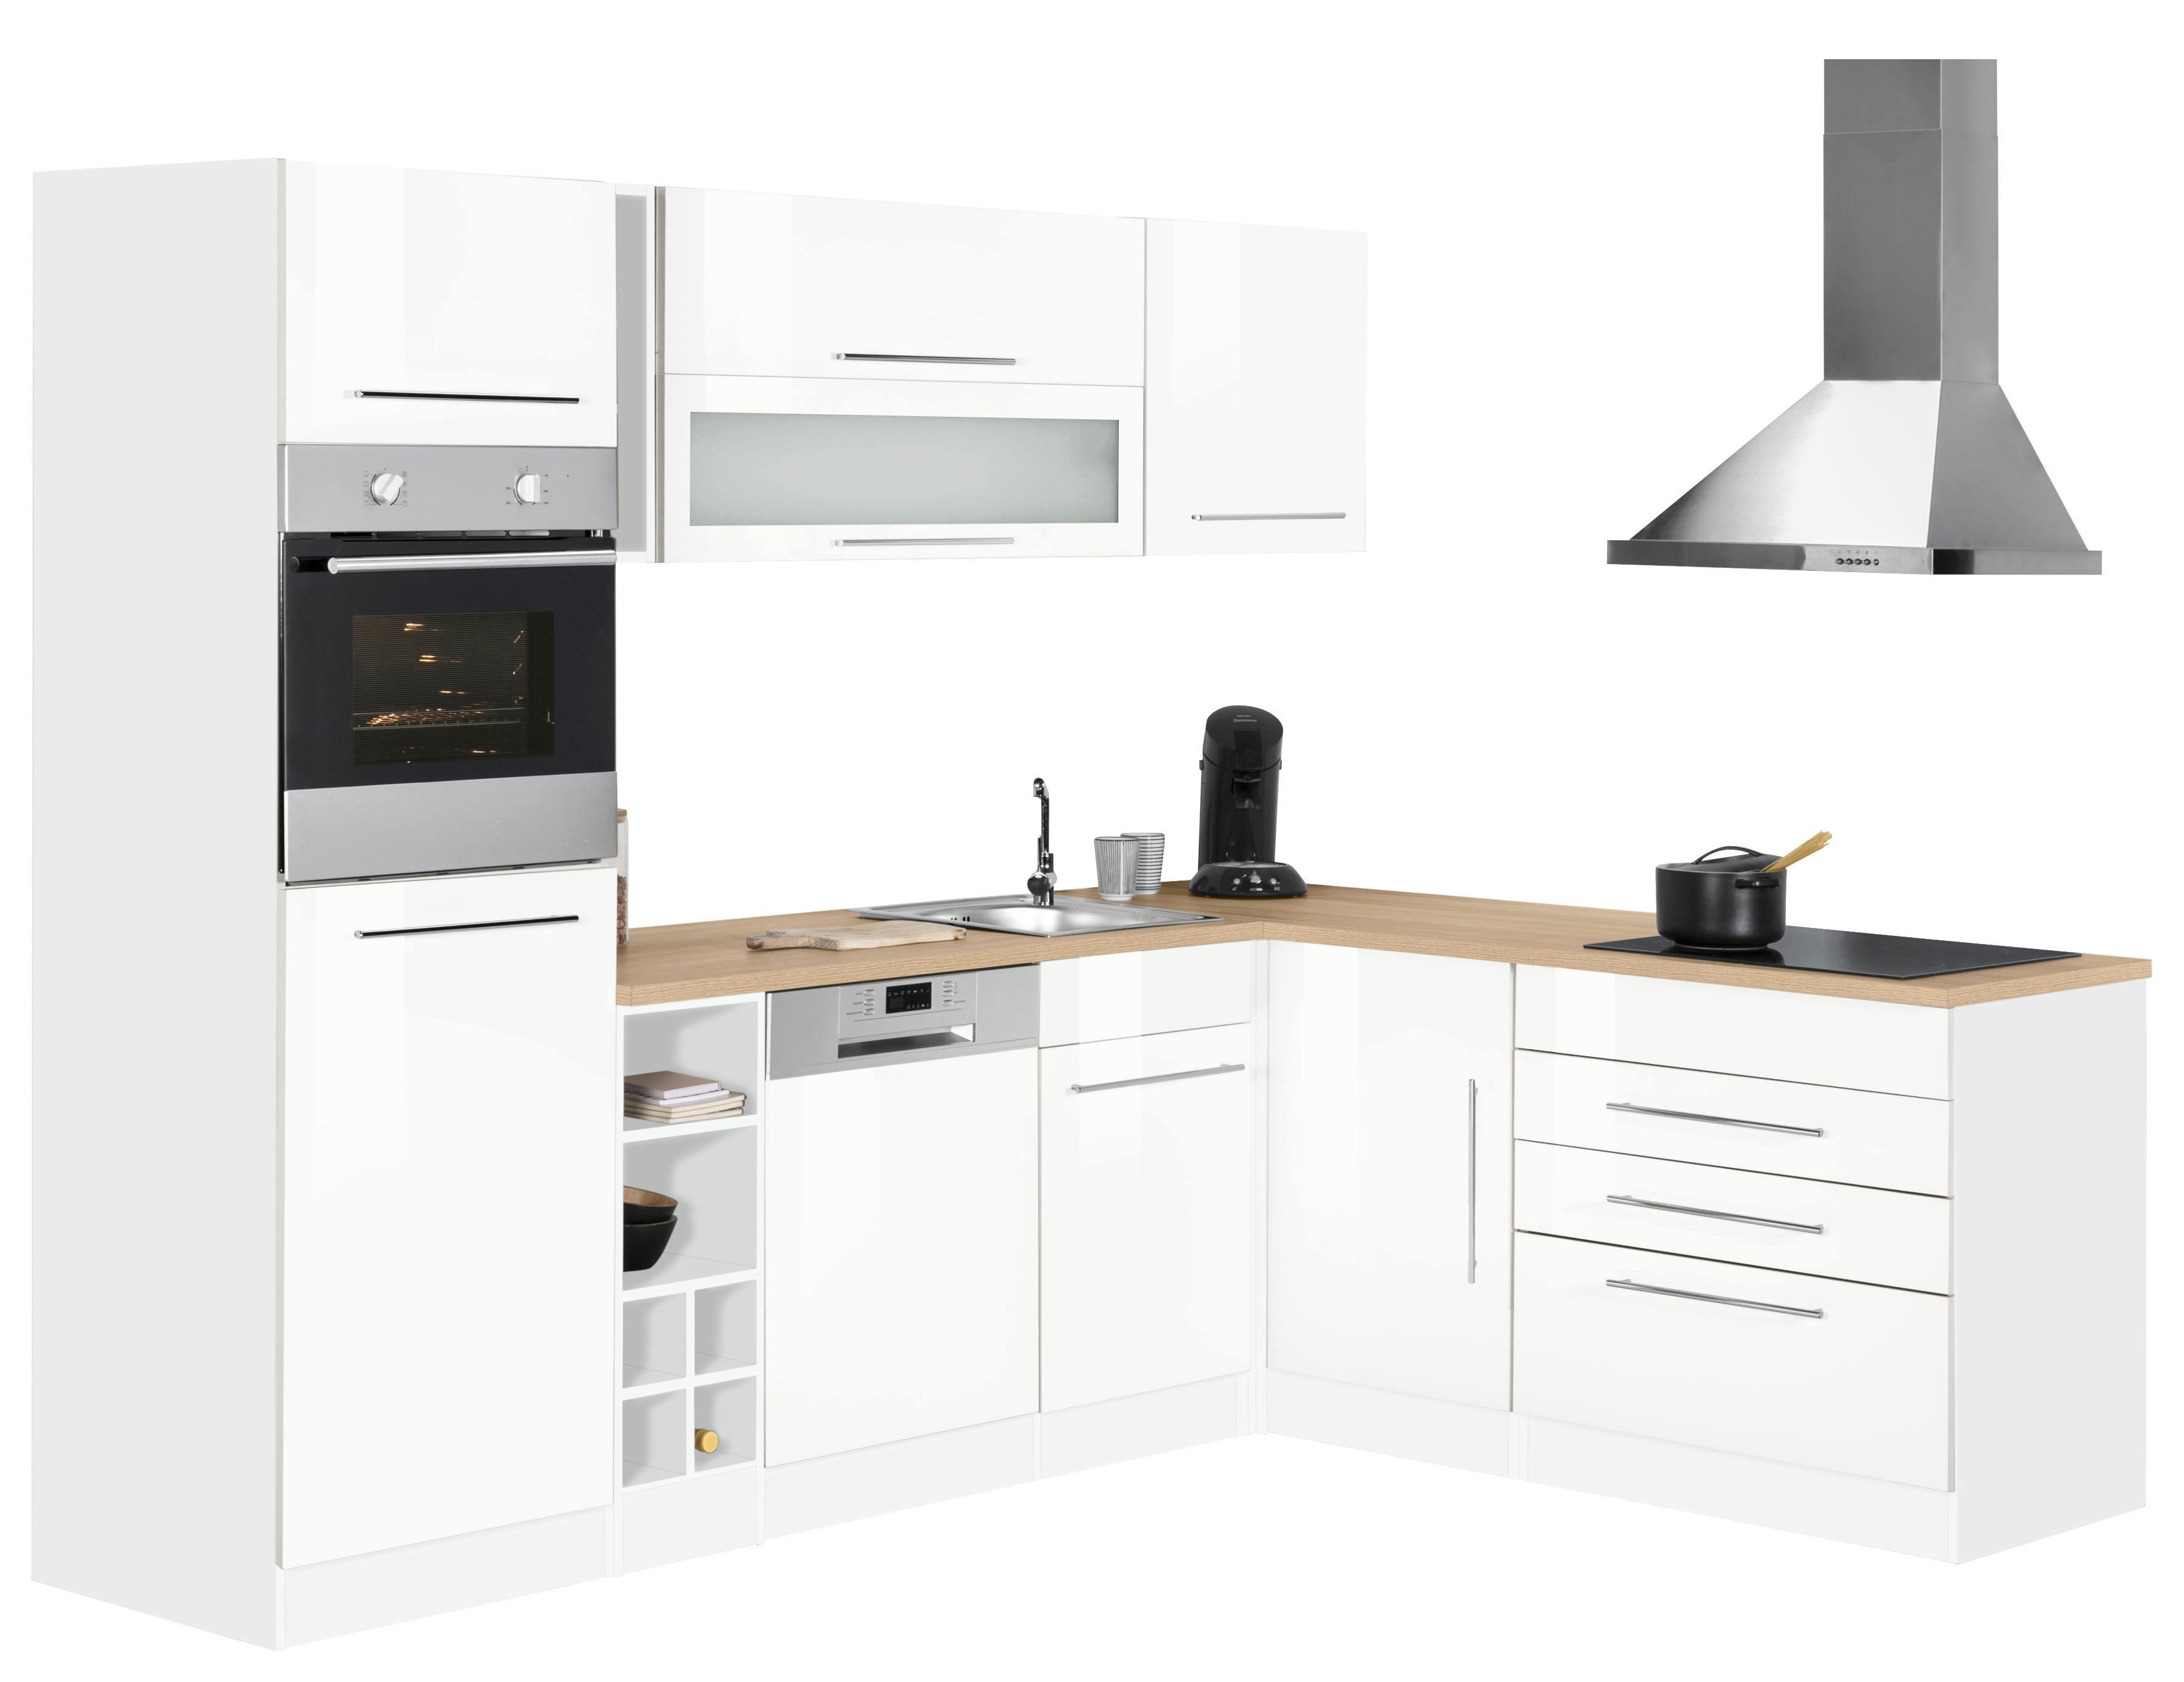 HELD MÖBEL Winkelküche Eton mit E-Geräten Stellbreite 260 x 190 cm